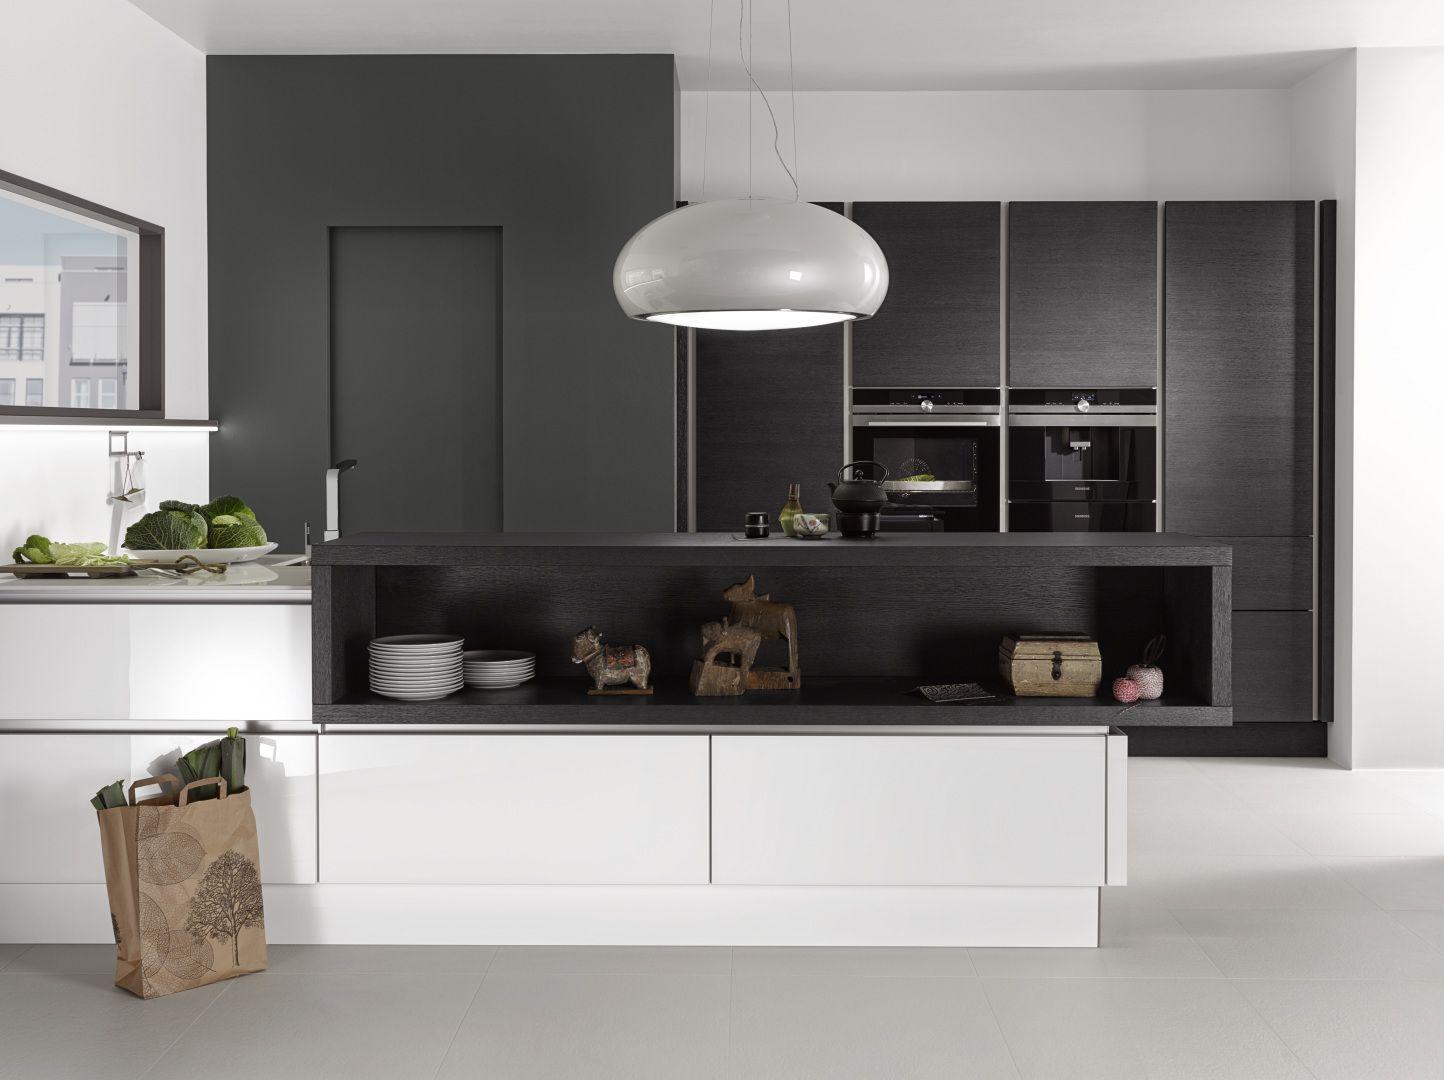 Schön Nolte Küchenplaner Beste Wahl Veneer And White Gloss Kitchen.